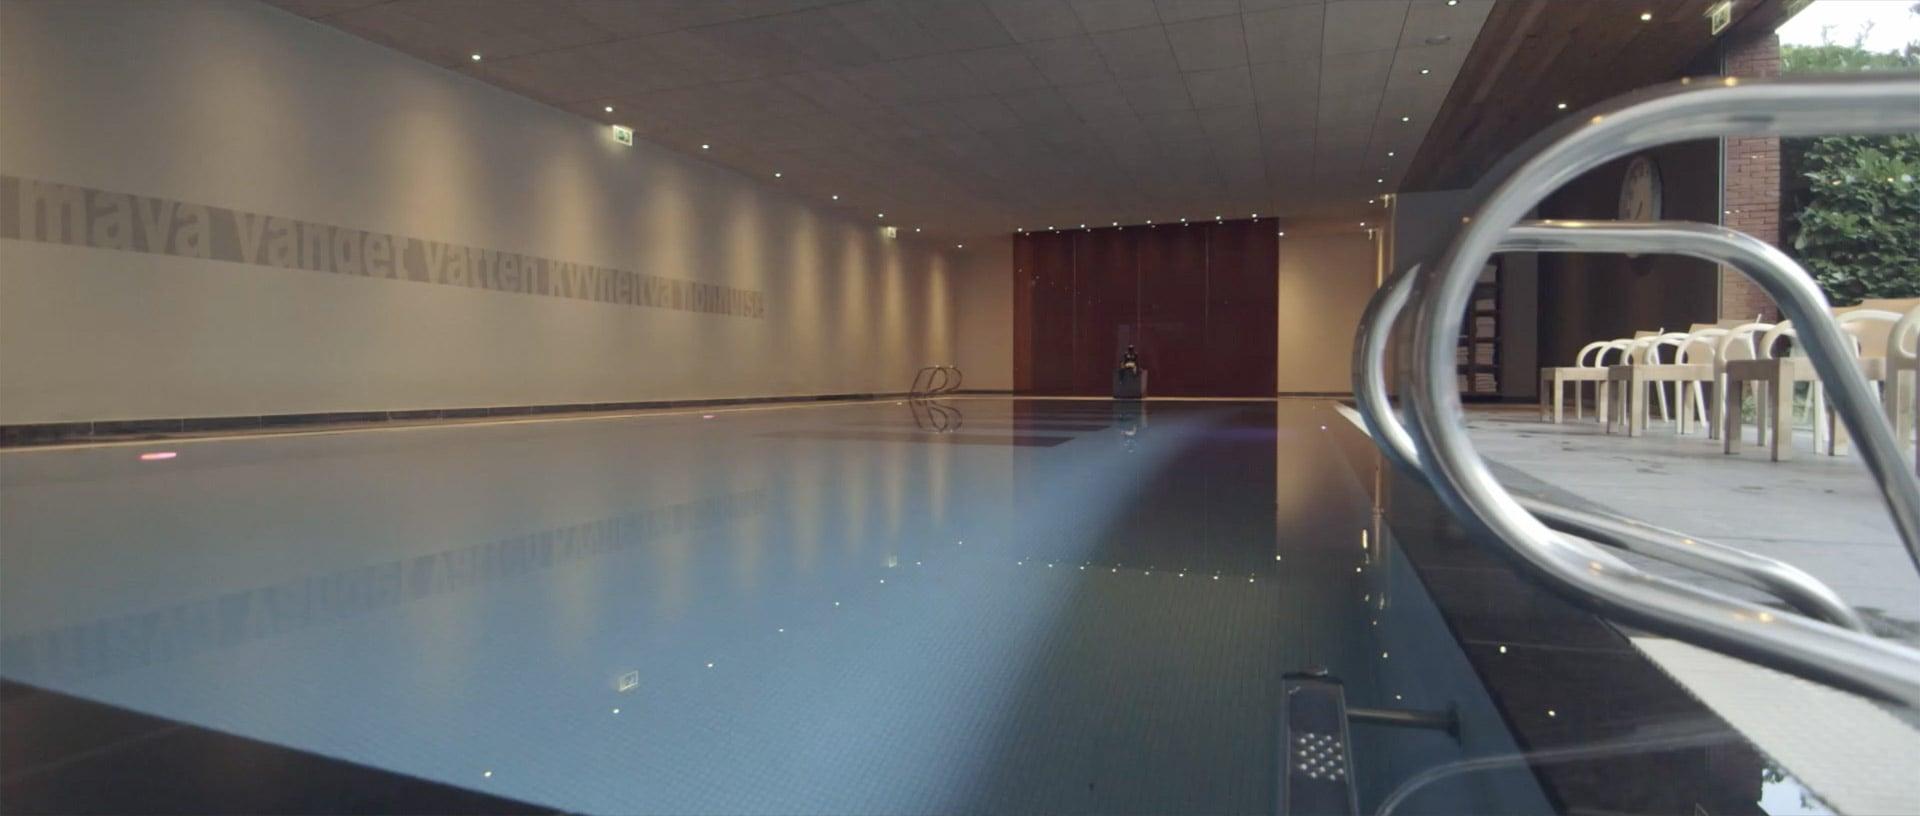 hotel_stiemerheide_zwembad_intro